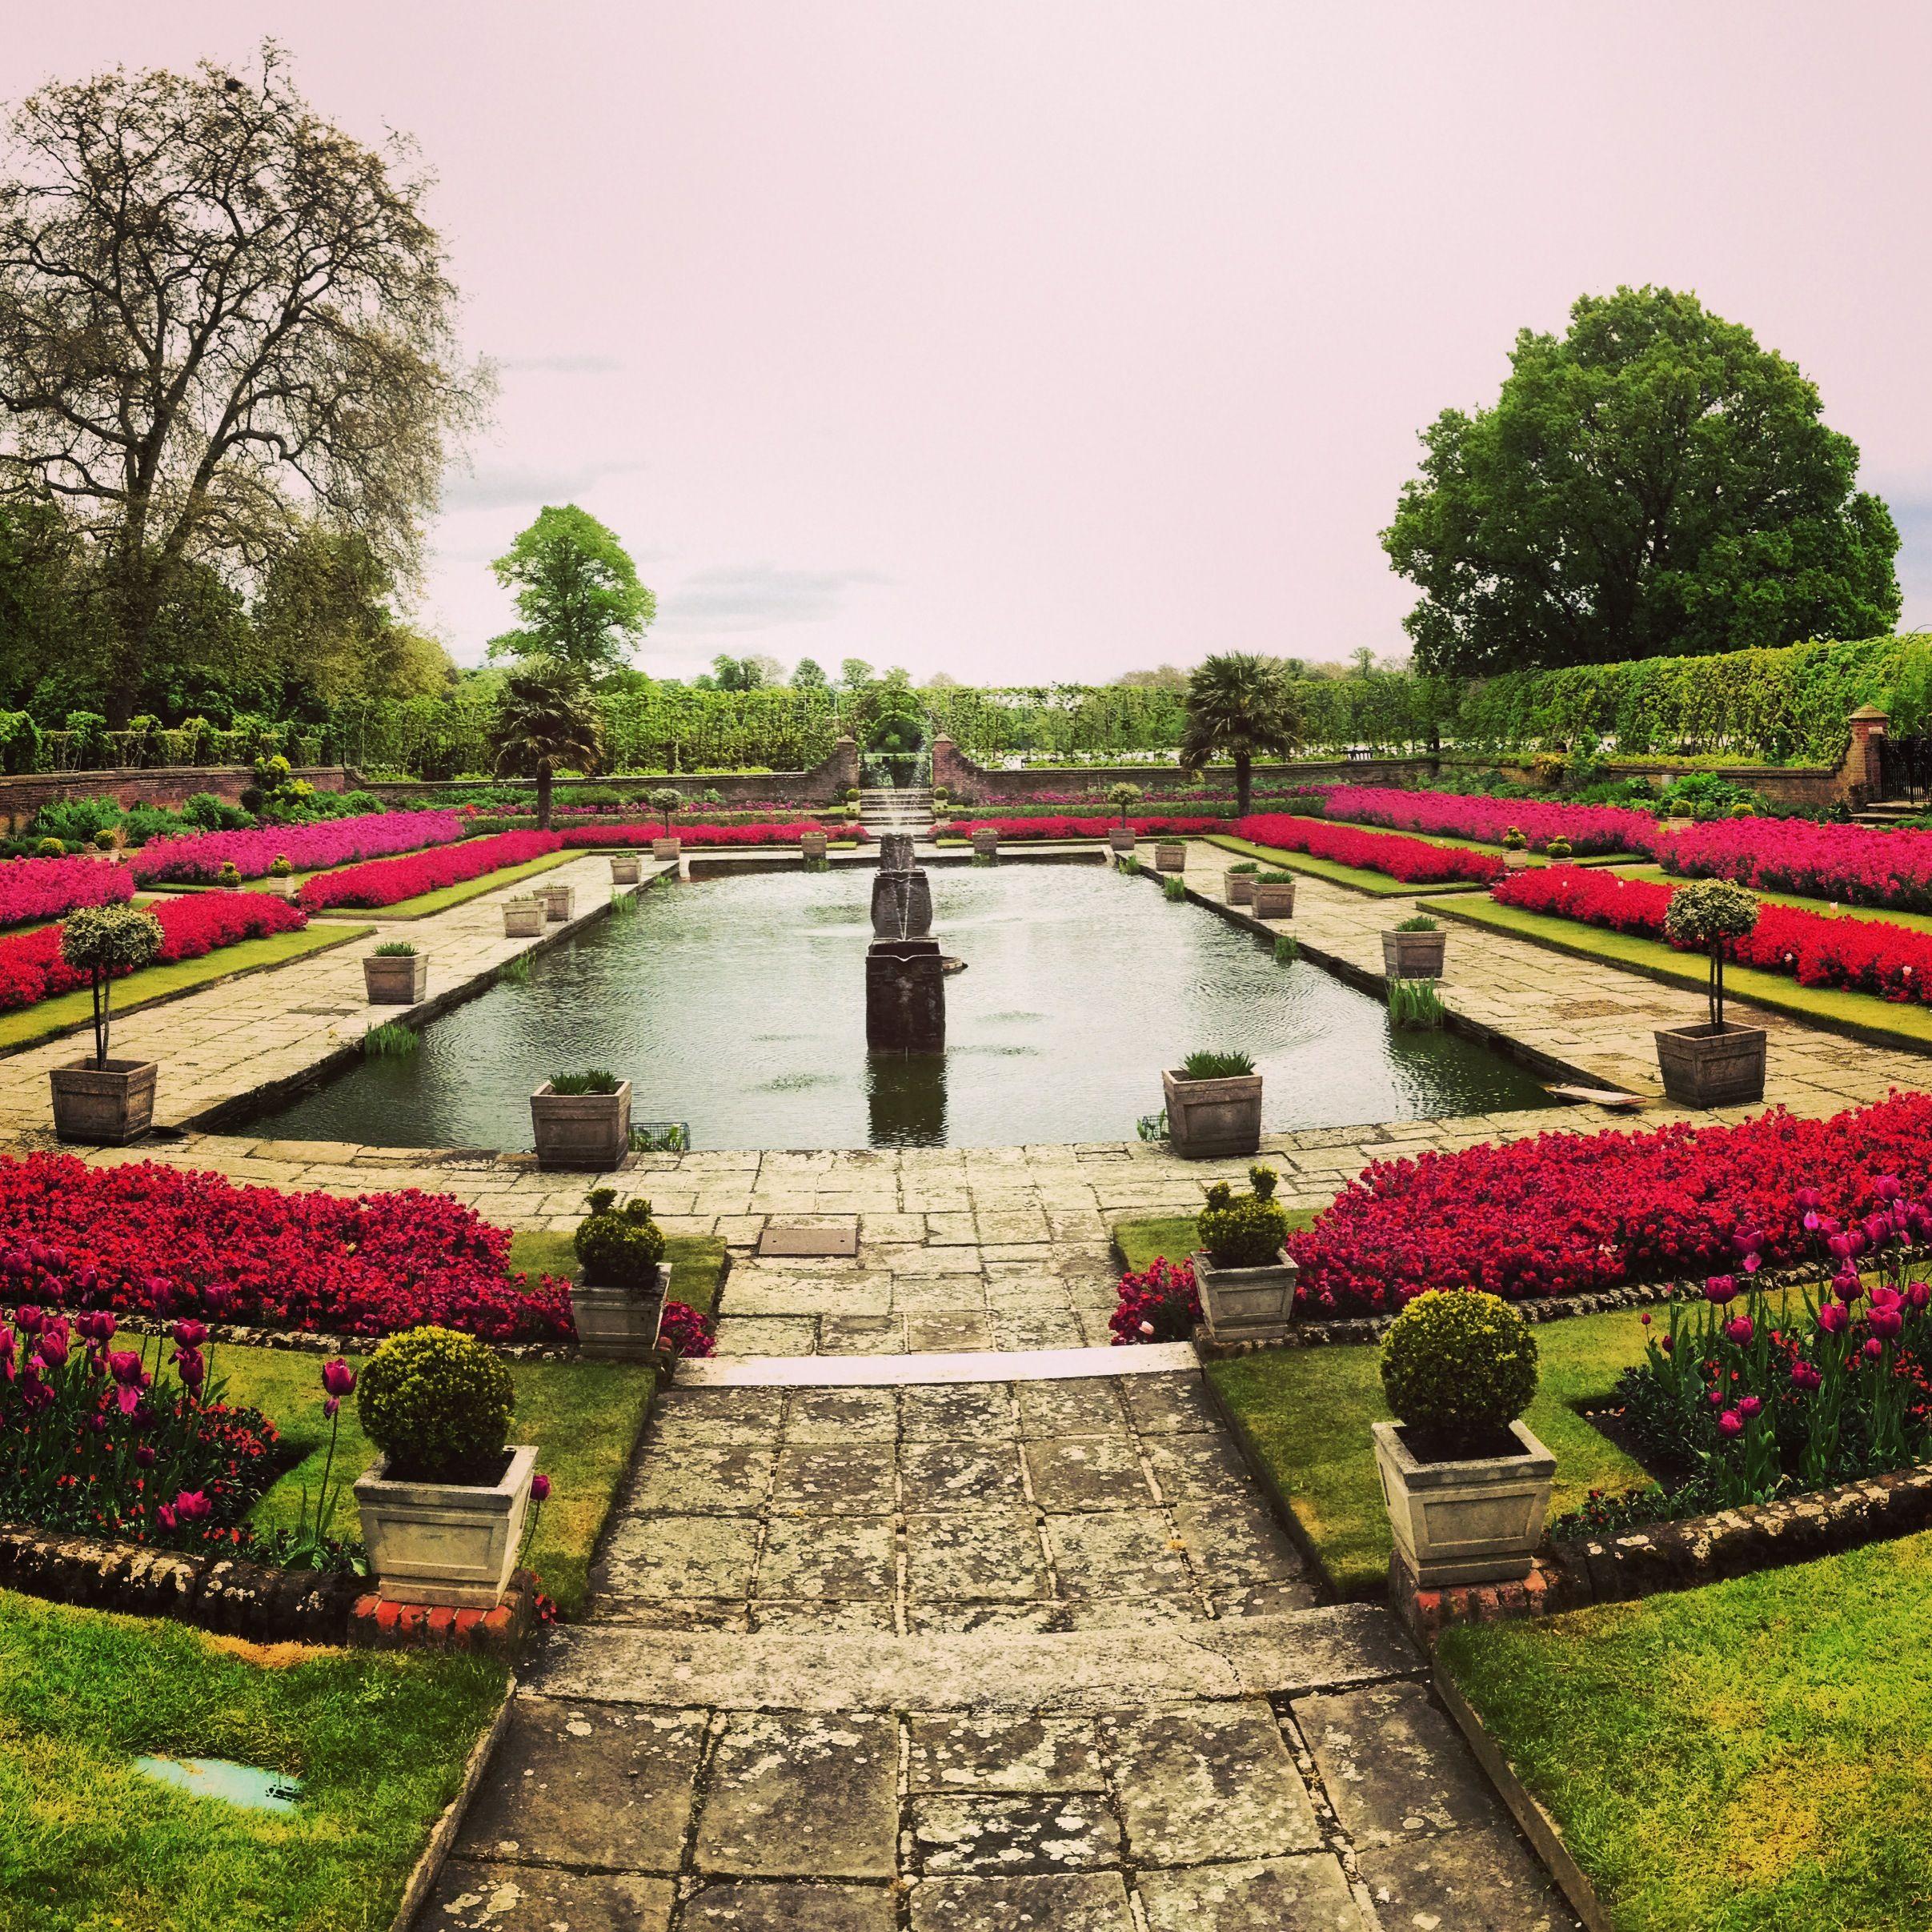 London Hotel Kensington Gardens: #london #england Bibaksandiyorum.com